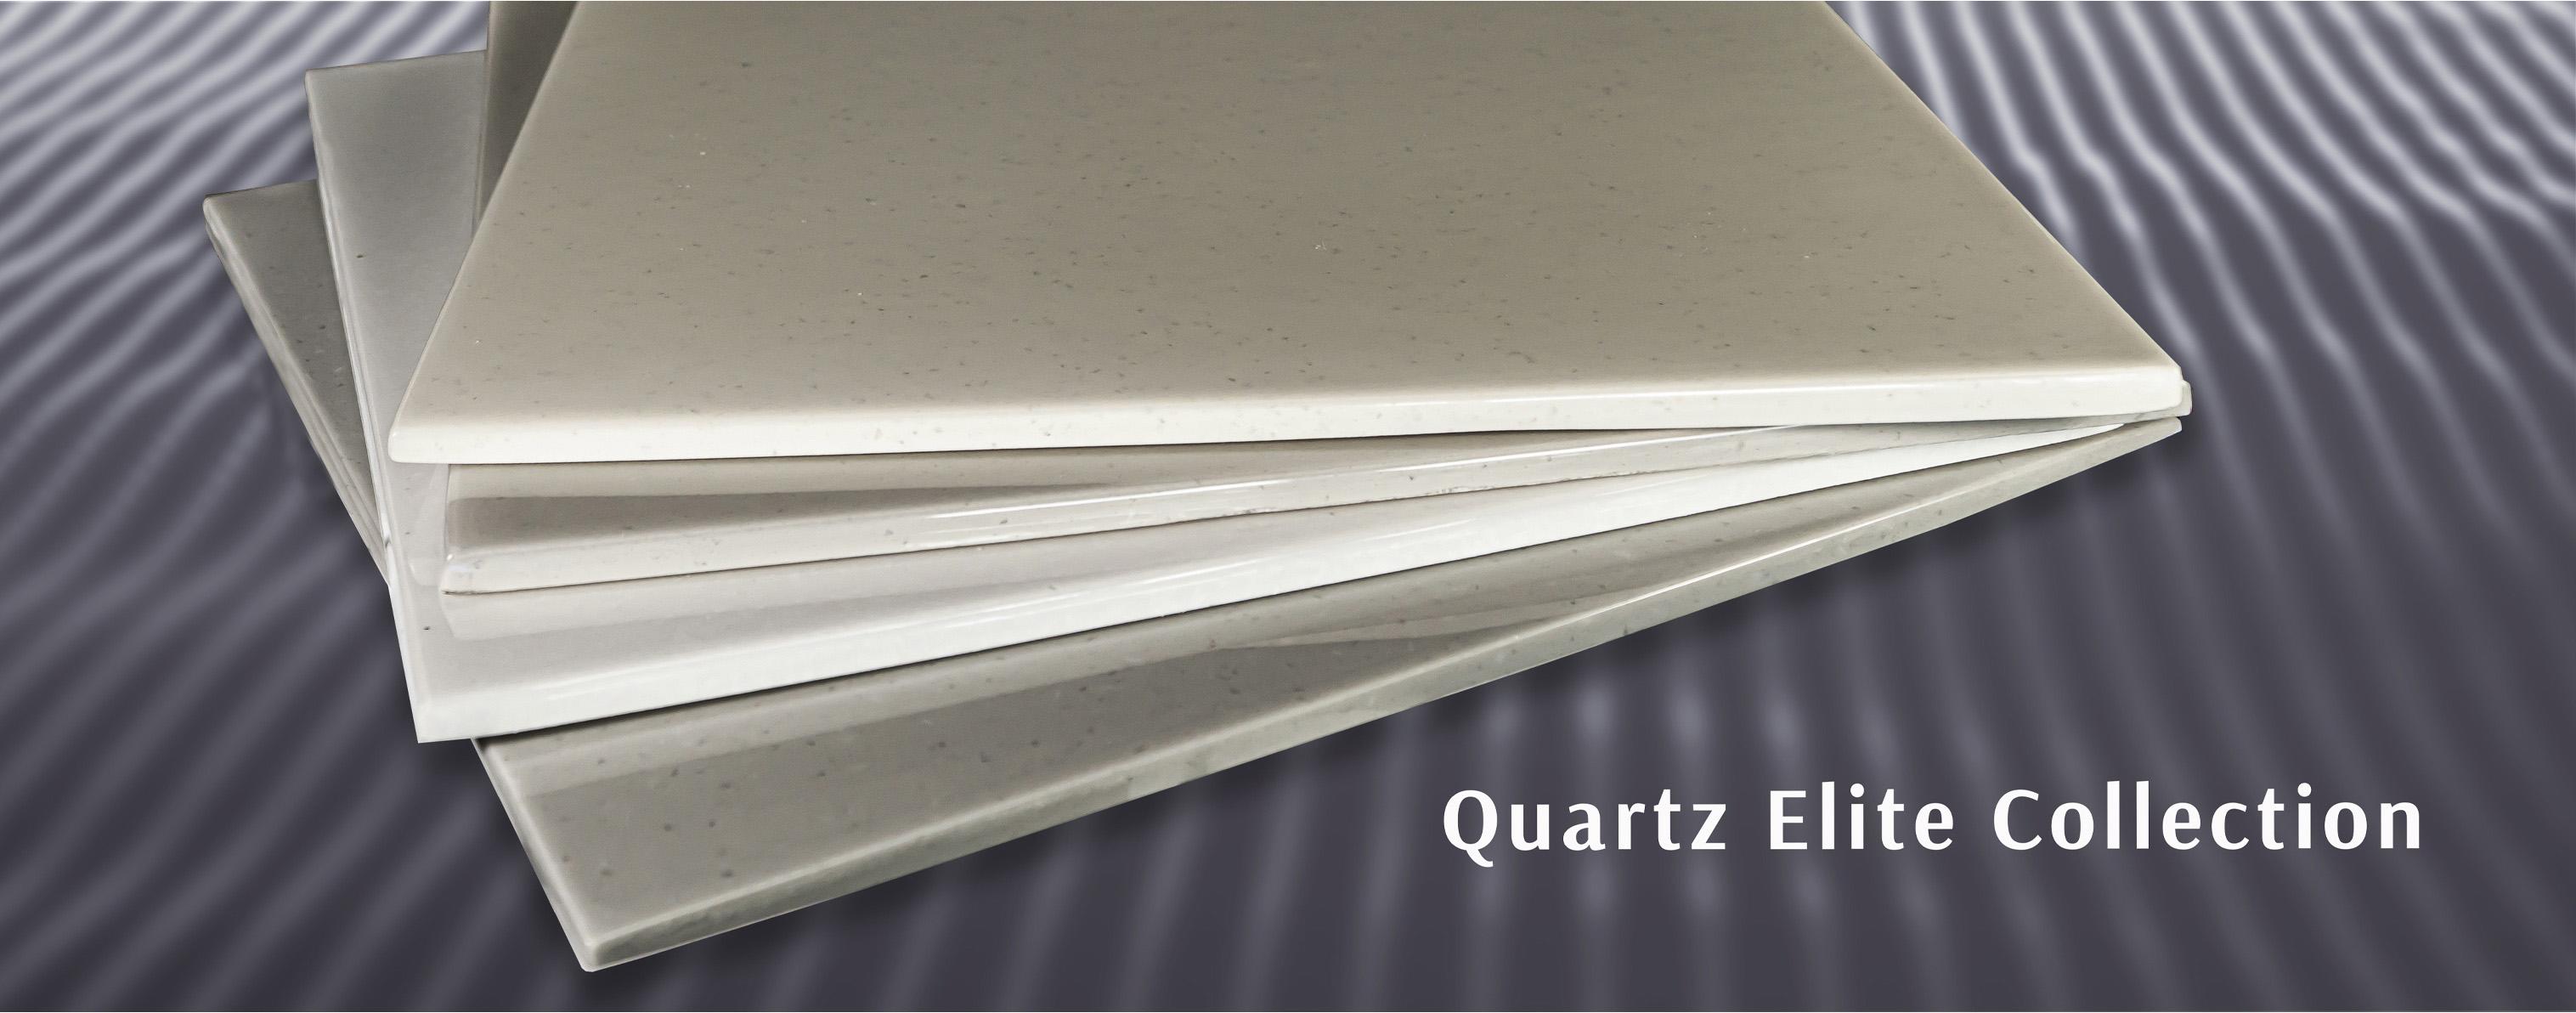 Quartz Elite